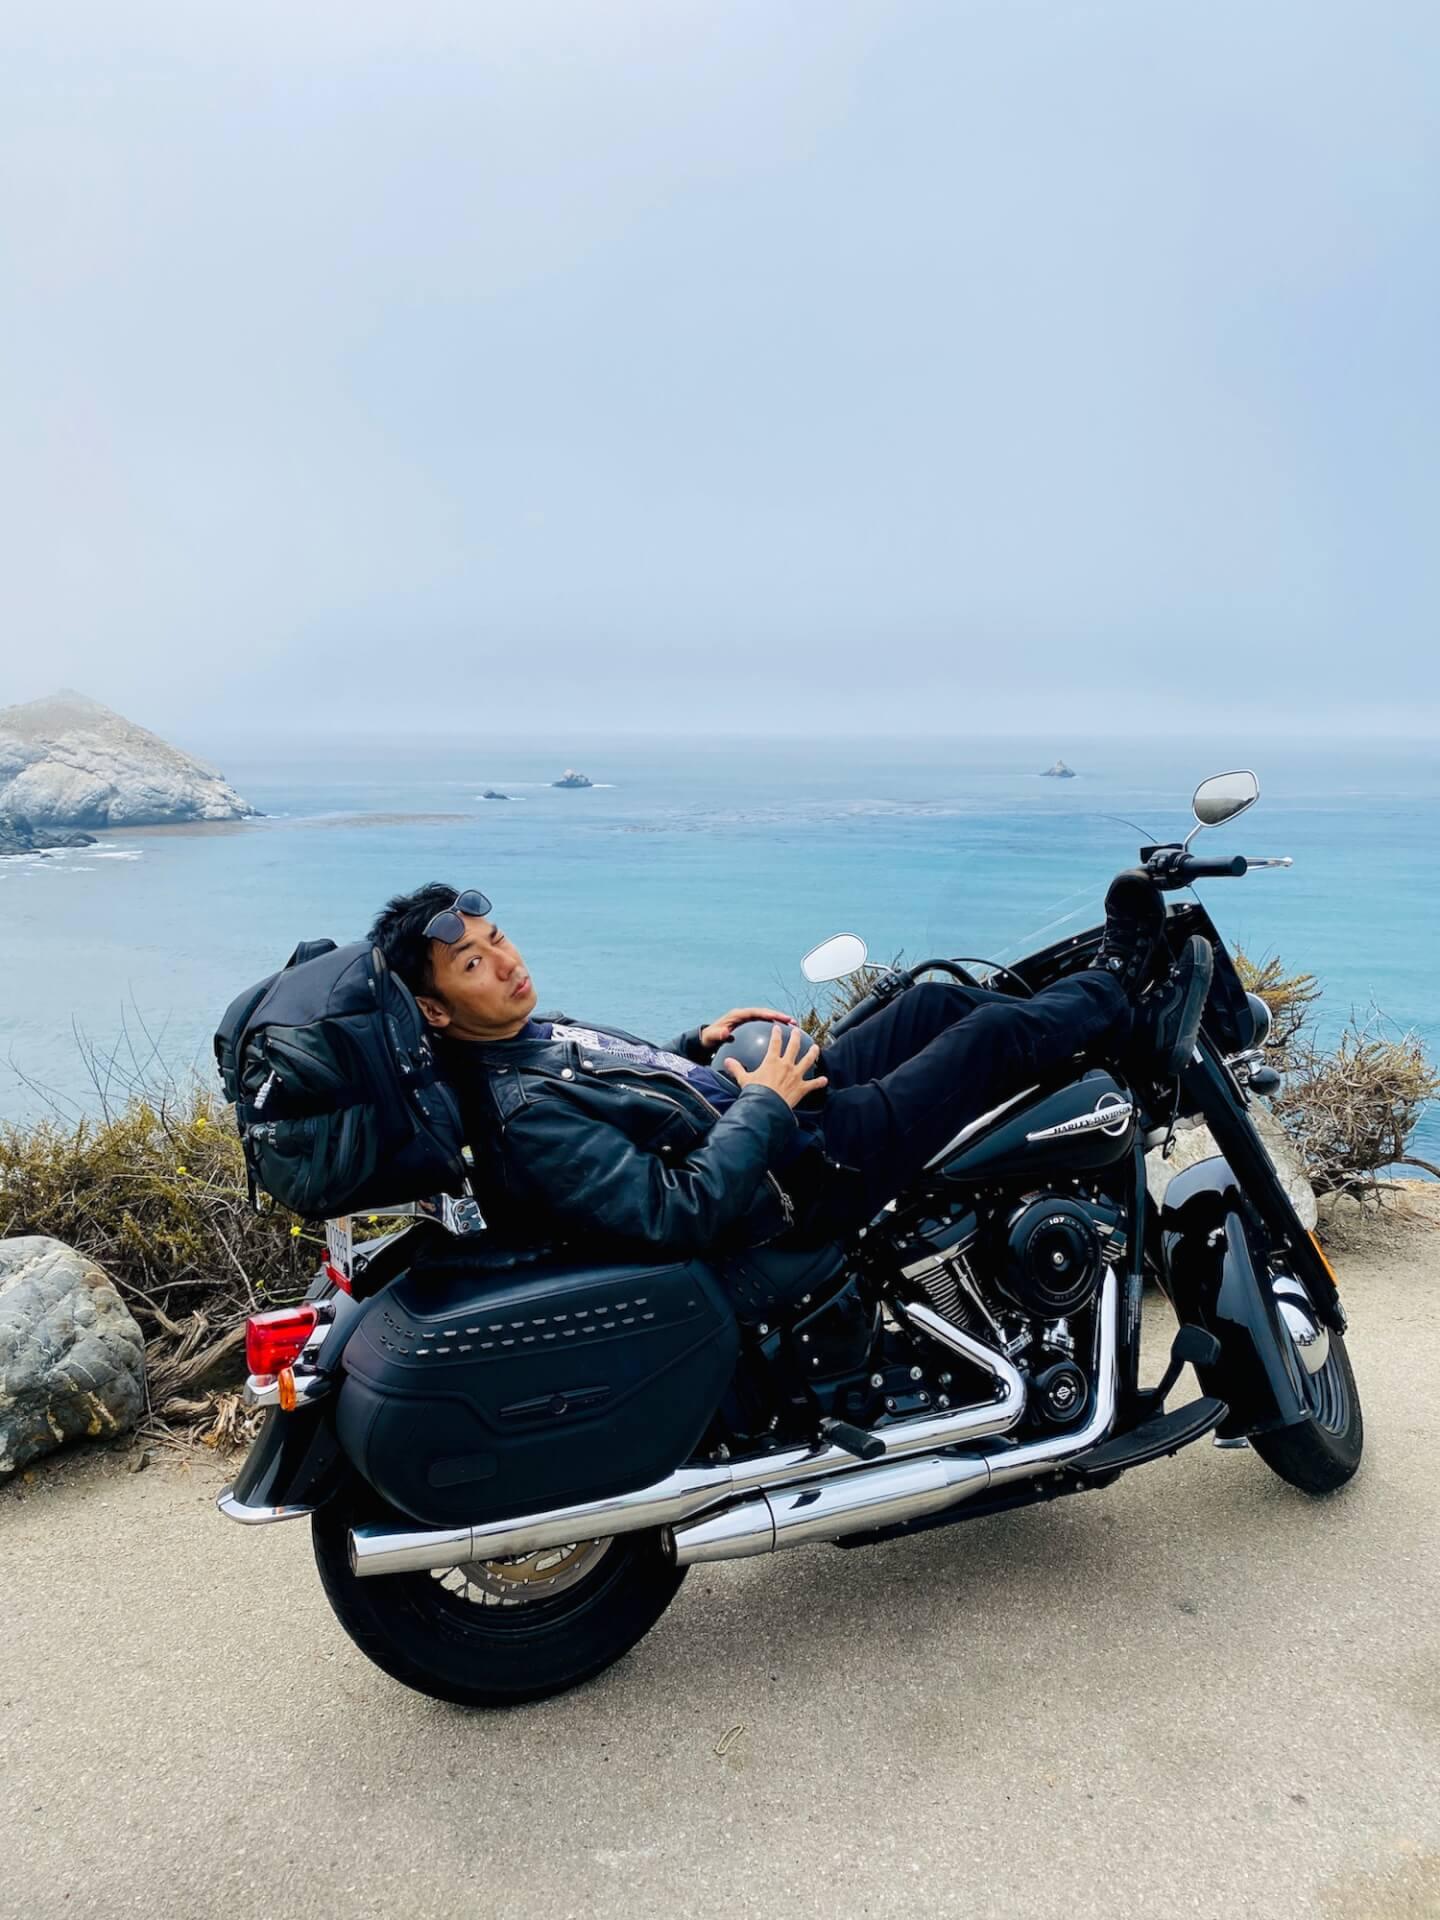 ピース綾部祐二のサンフランシスコ〜LAバイク旅を追う interview2109-yuji-ayabe-LA-16